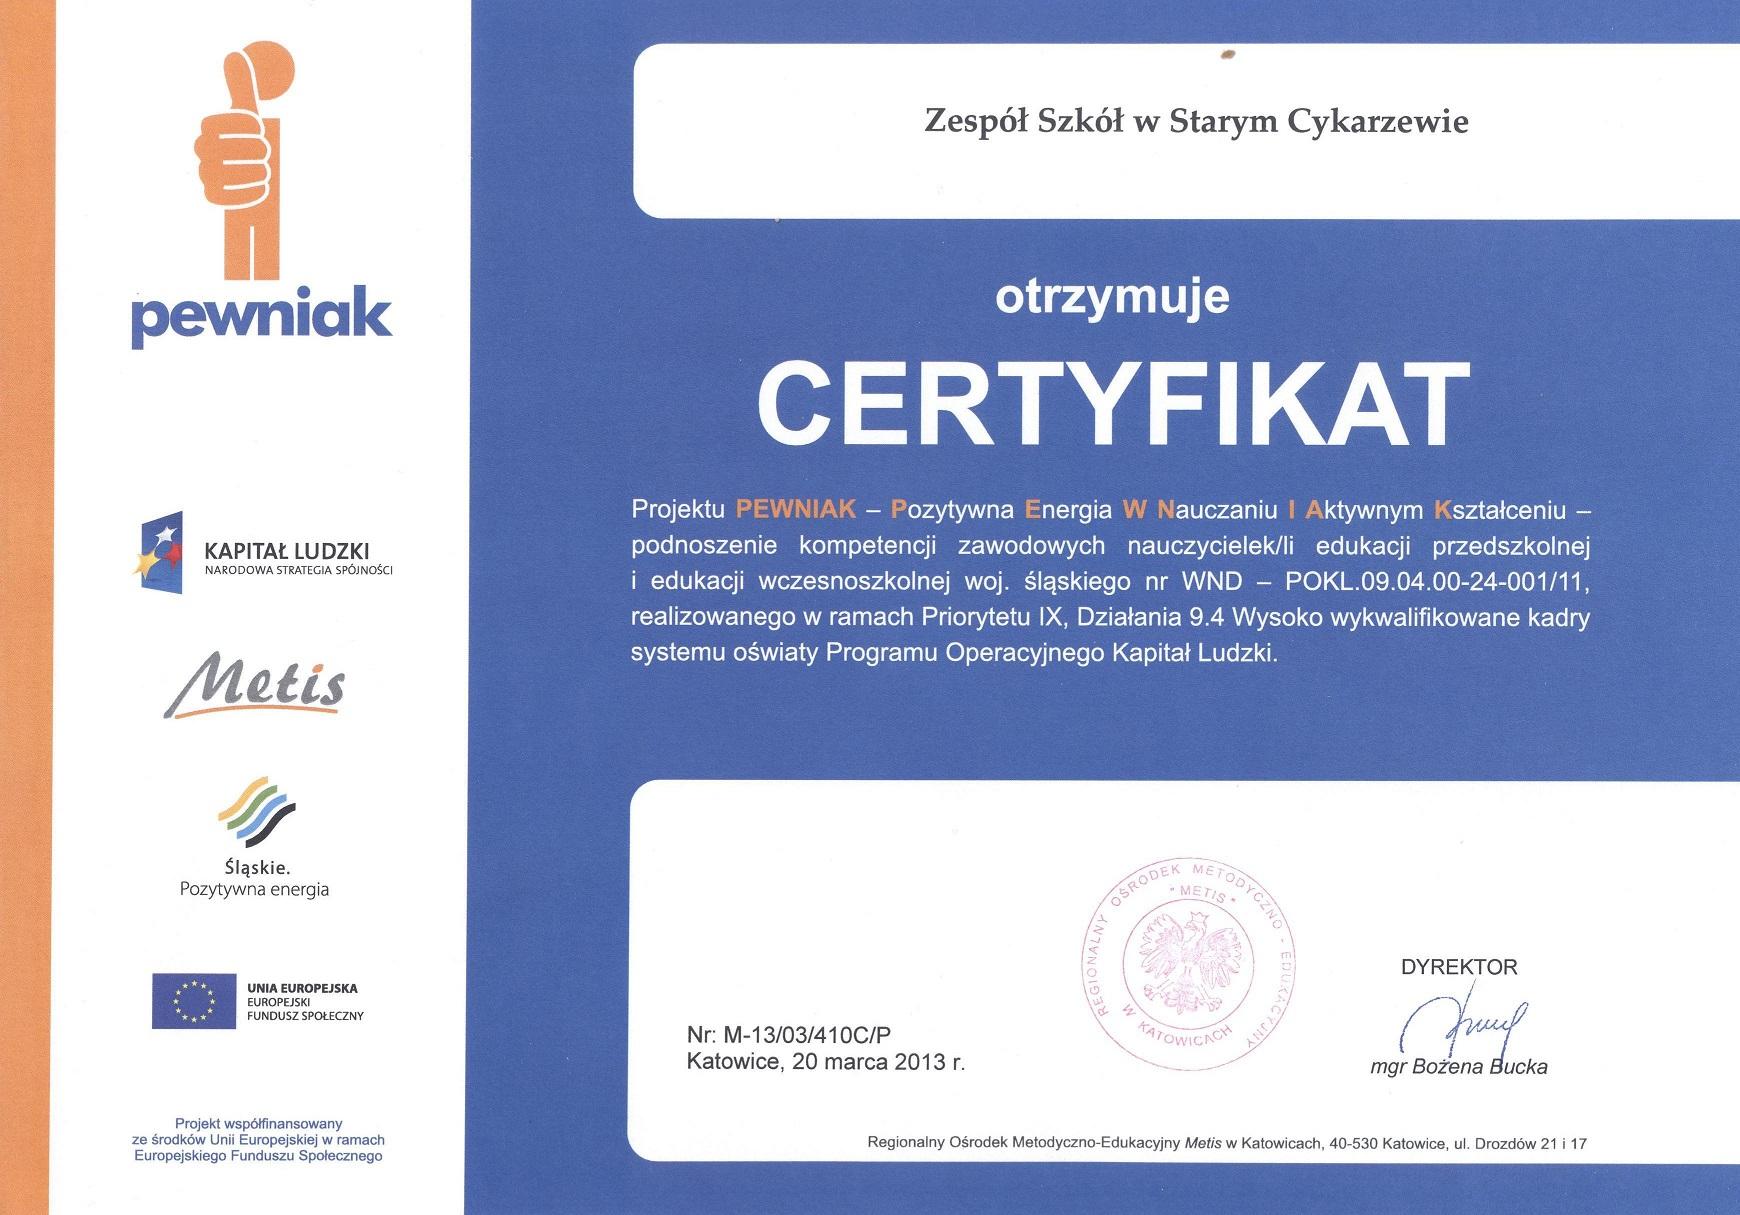 http://www.pewniak.metis.pl